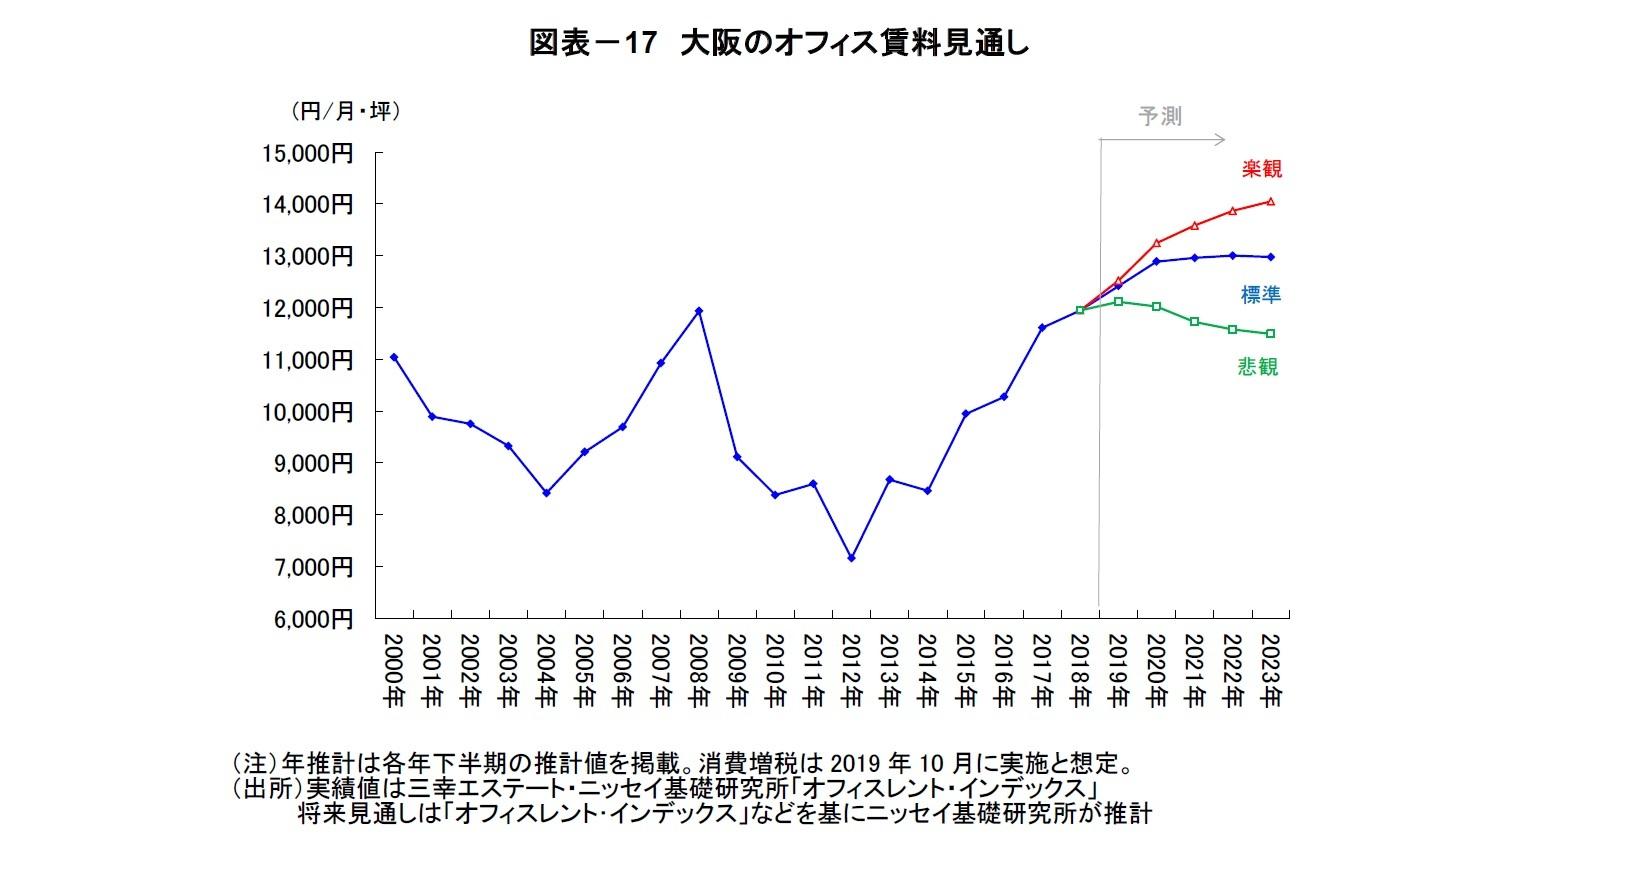 図表-17 大阪のオフィス賃料見通し